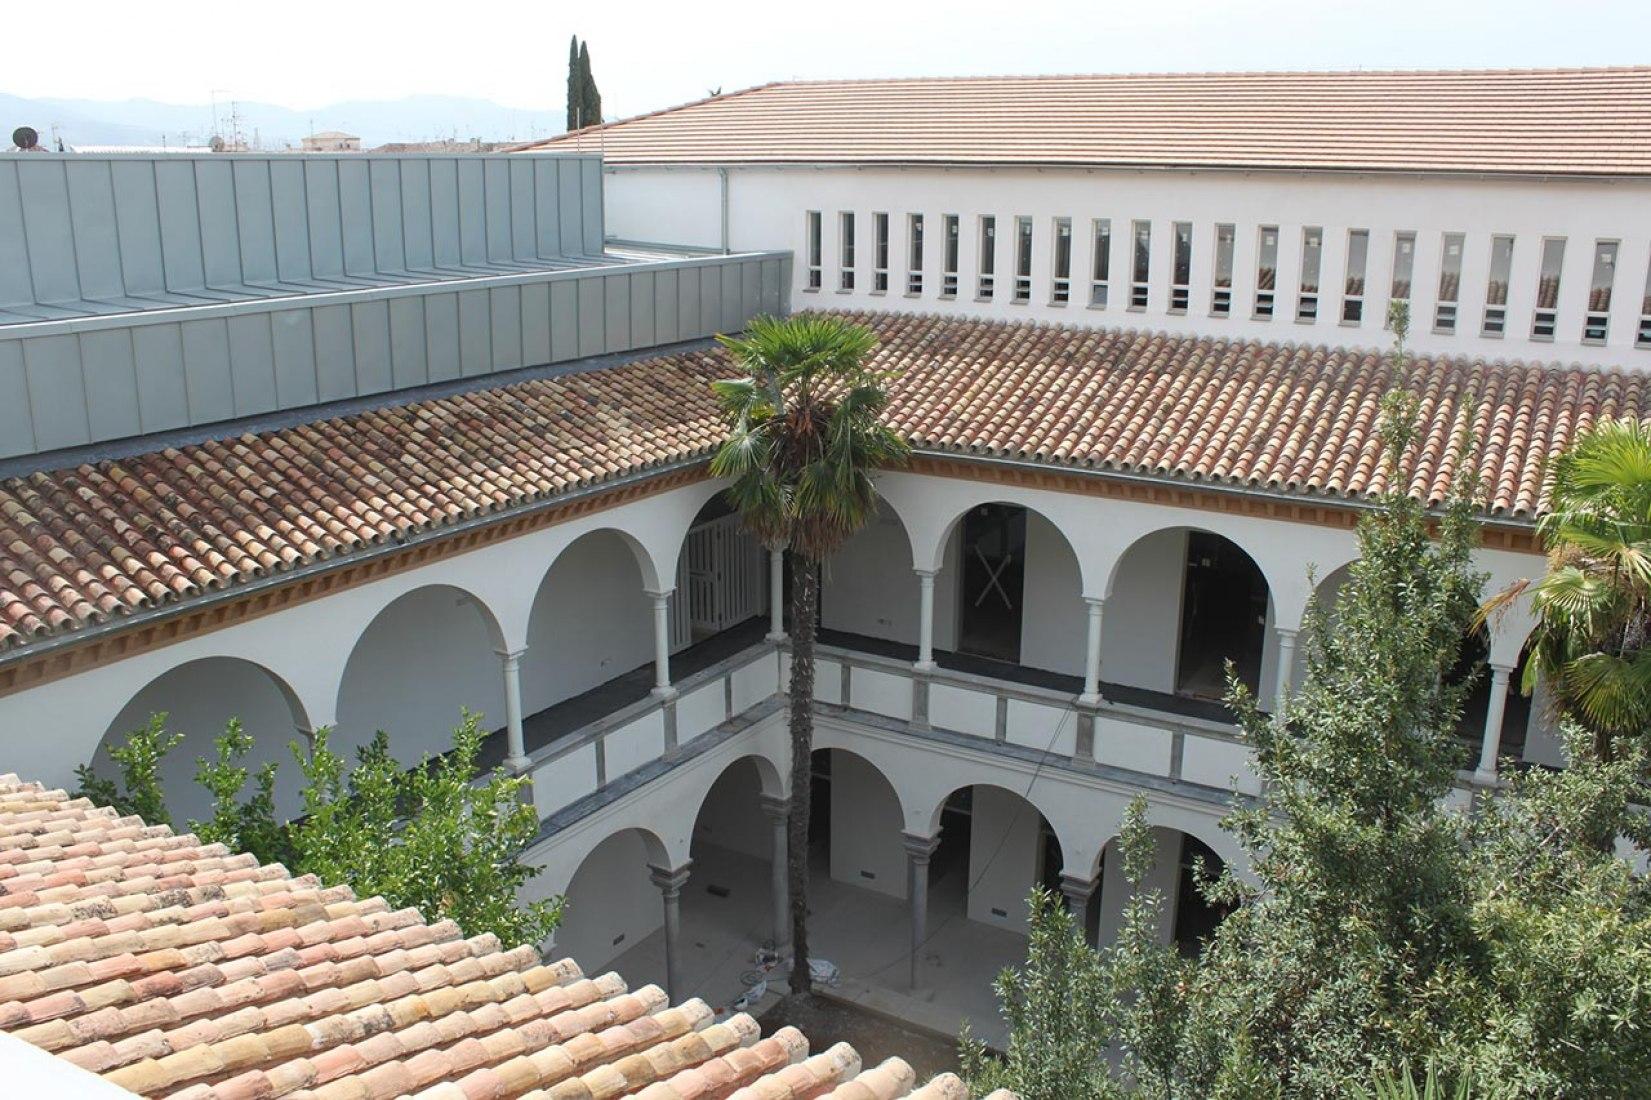 Imagen de la Reconversión del antiguo Hospital Militar para la Escuela Técnica Superior de Arquitectura de Granada realizada por Víctor López Cotelo. Fotografía © Lluís Casals.